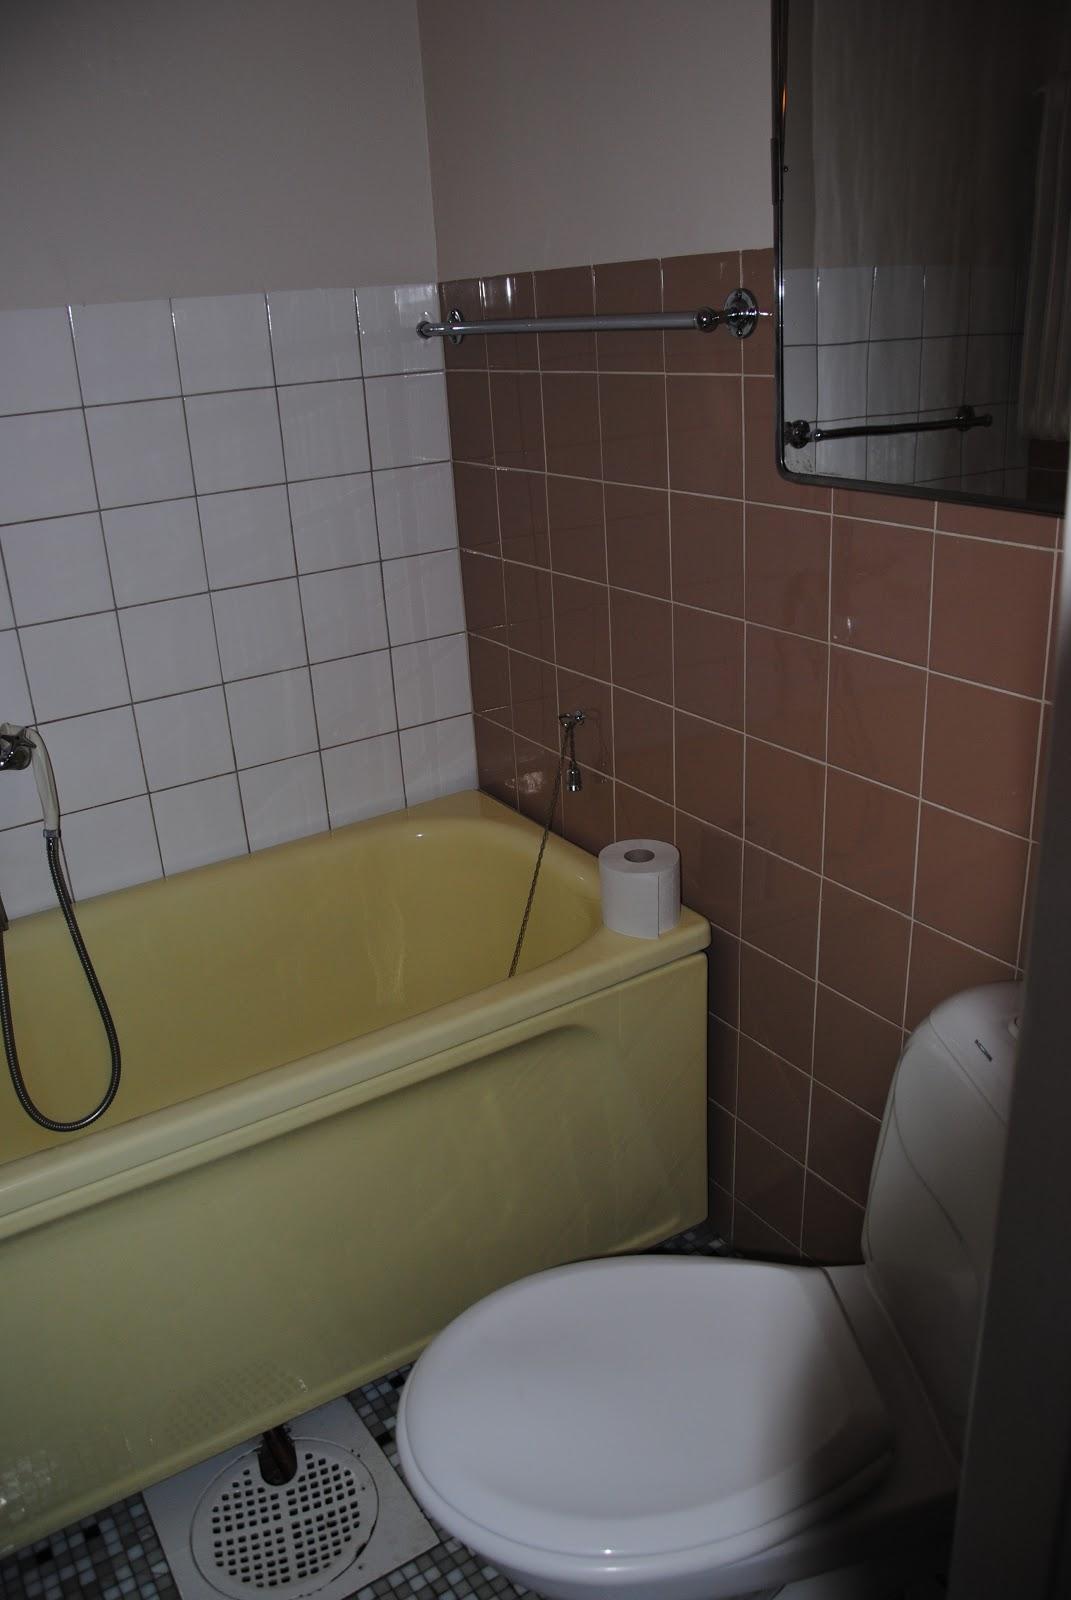 VÃ¥rat Lilla Hus: VÃ¥rat badrum, litet och funktionellt..